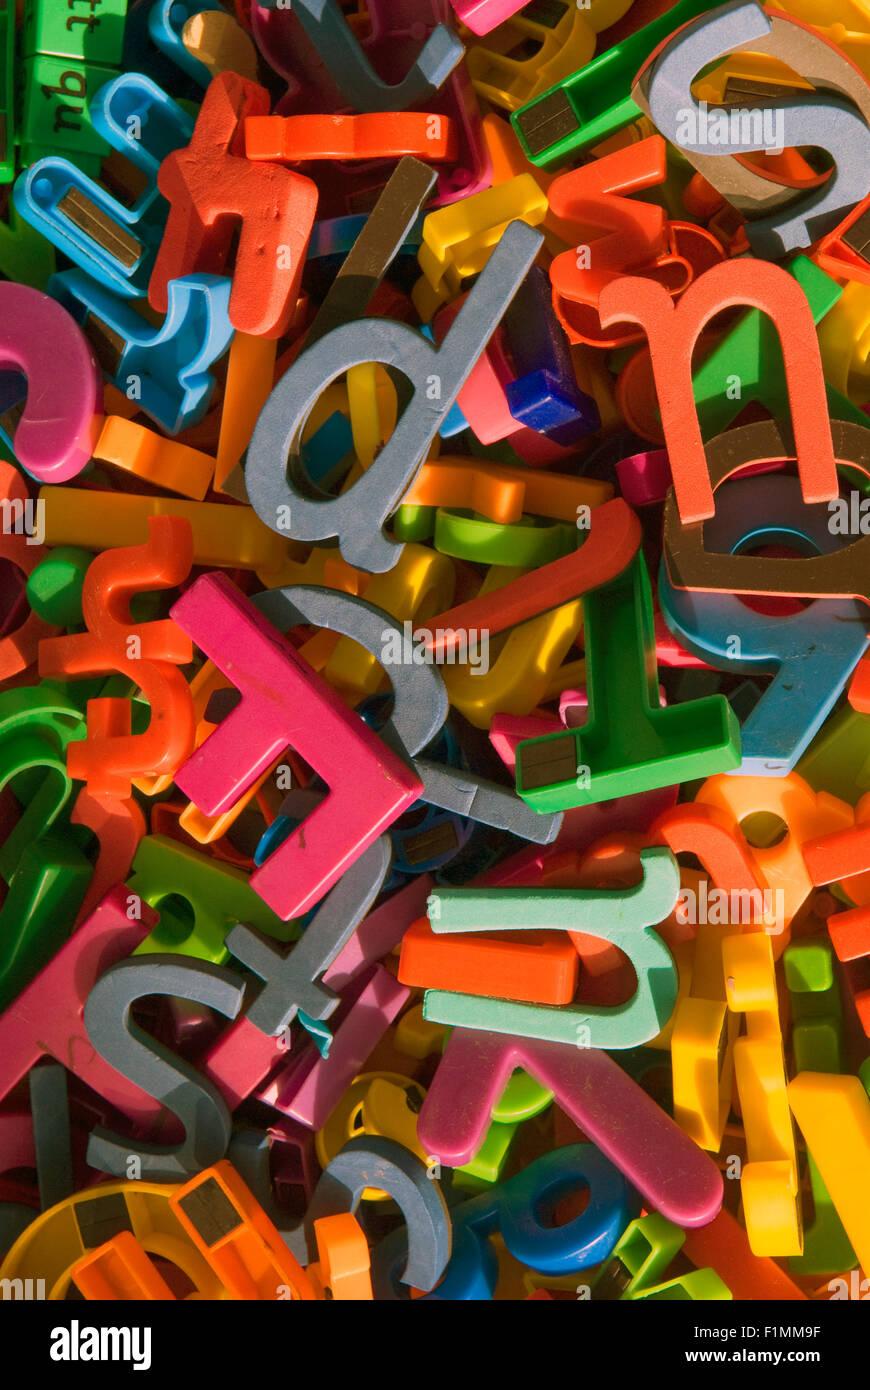 Letras de colores variados como recursos de aprendizaje en las aulas de la escuela primaria, Londres, Reino Unido. Imagen De Stock